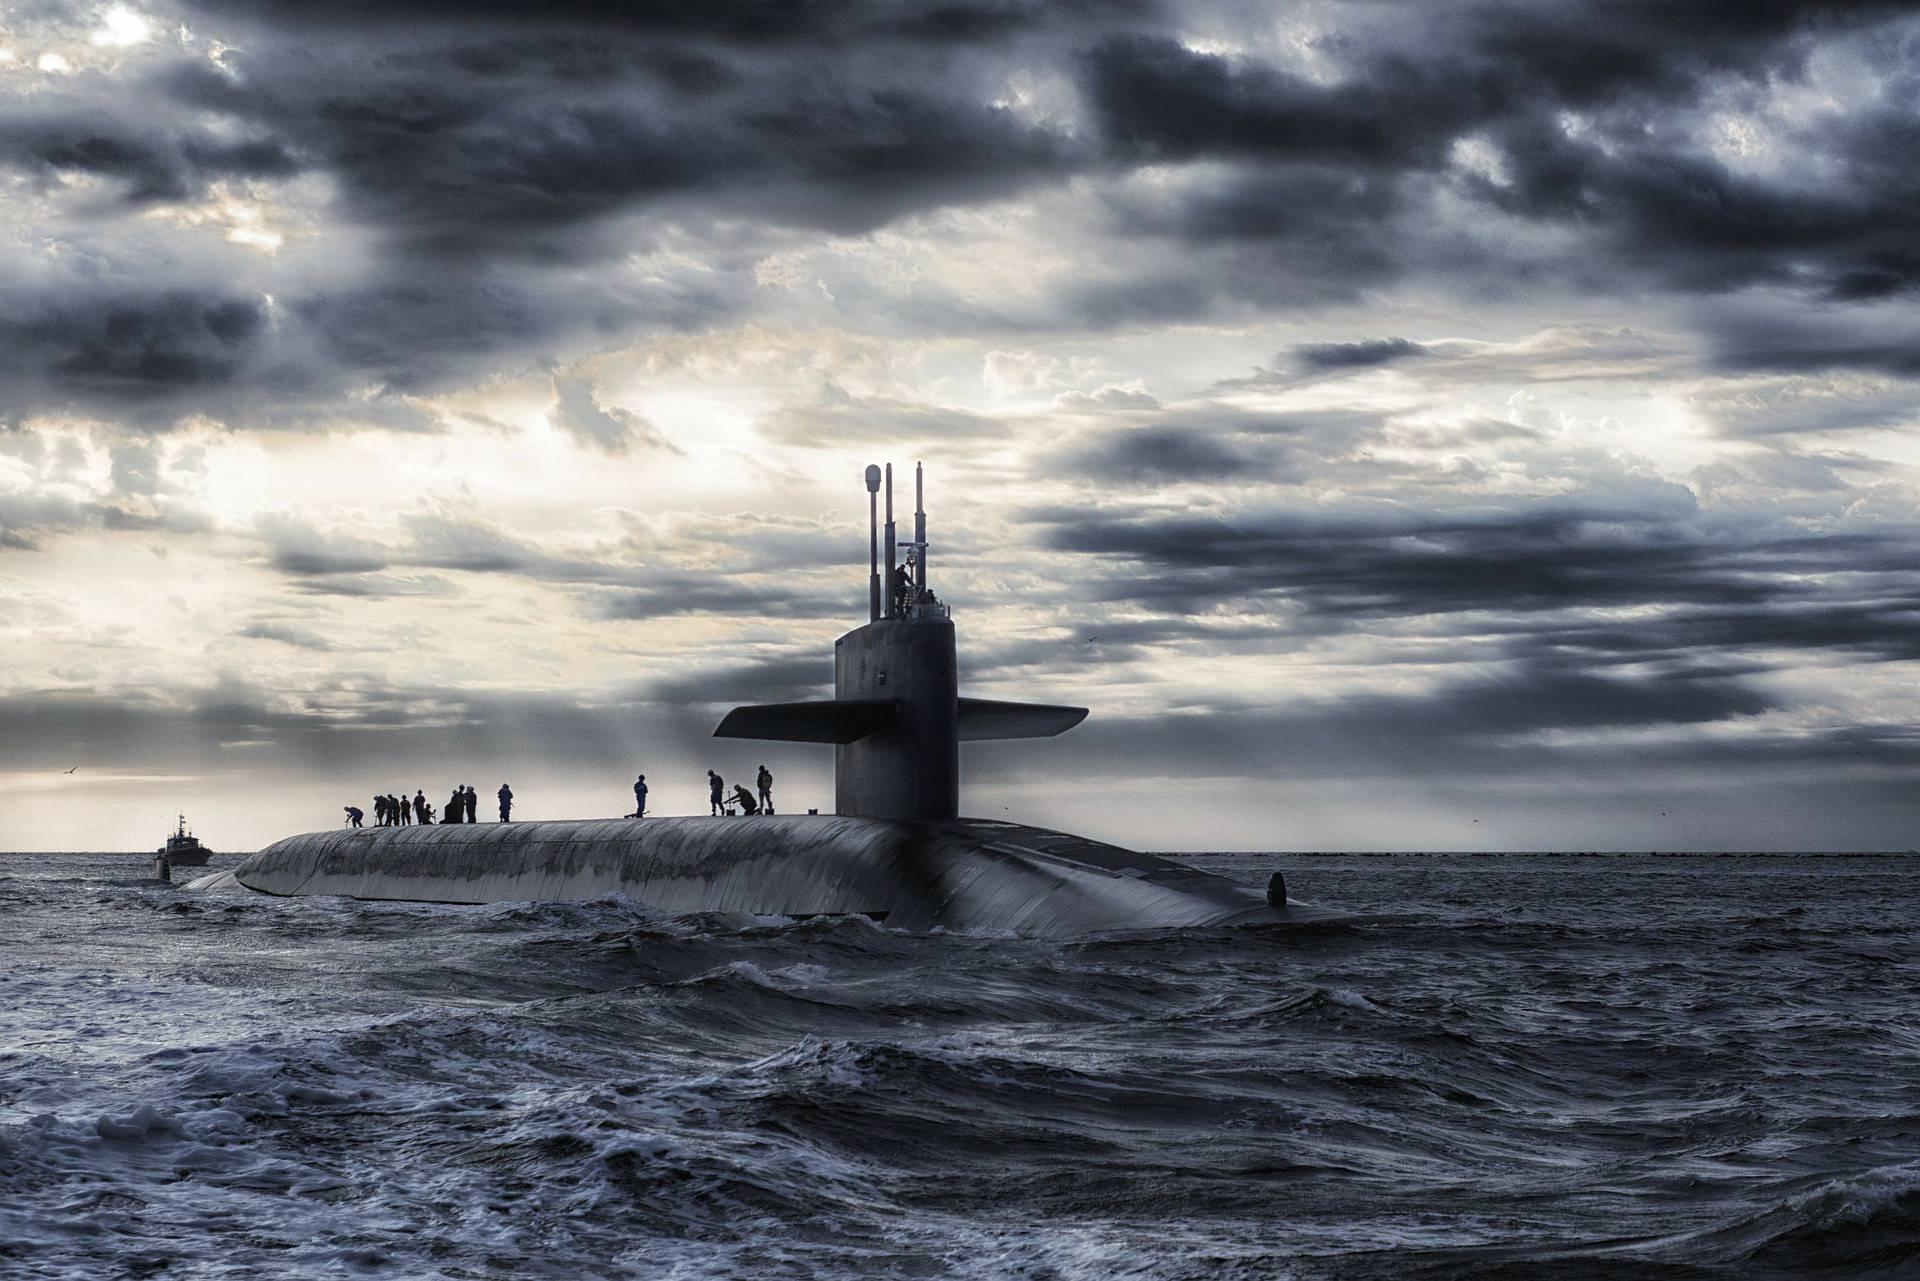 Bit će najveća ikad: Divovska podmornica imat će i - krila!?